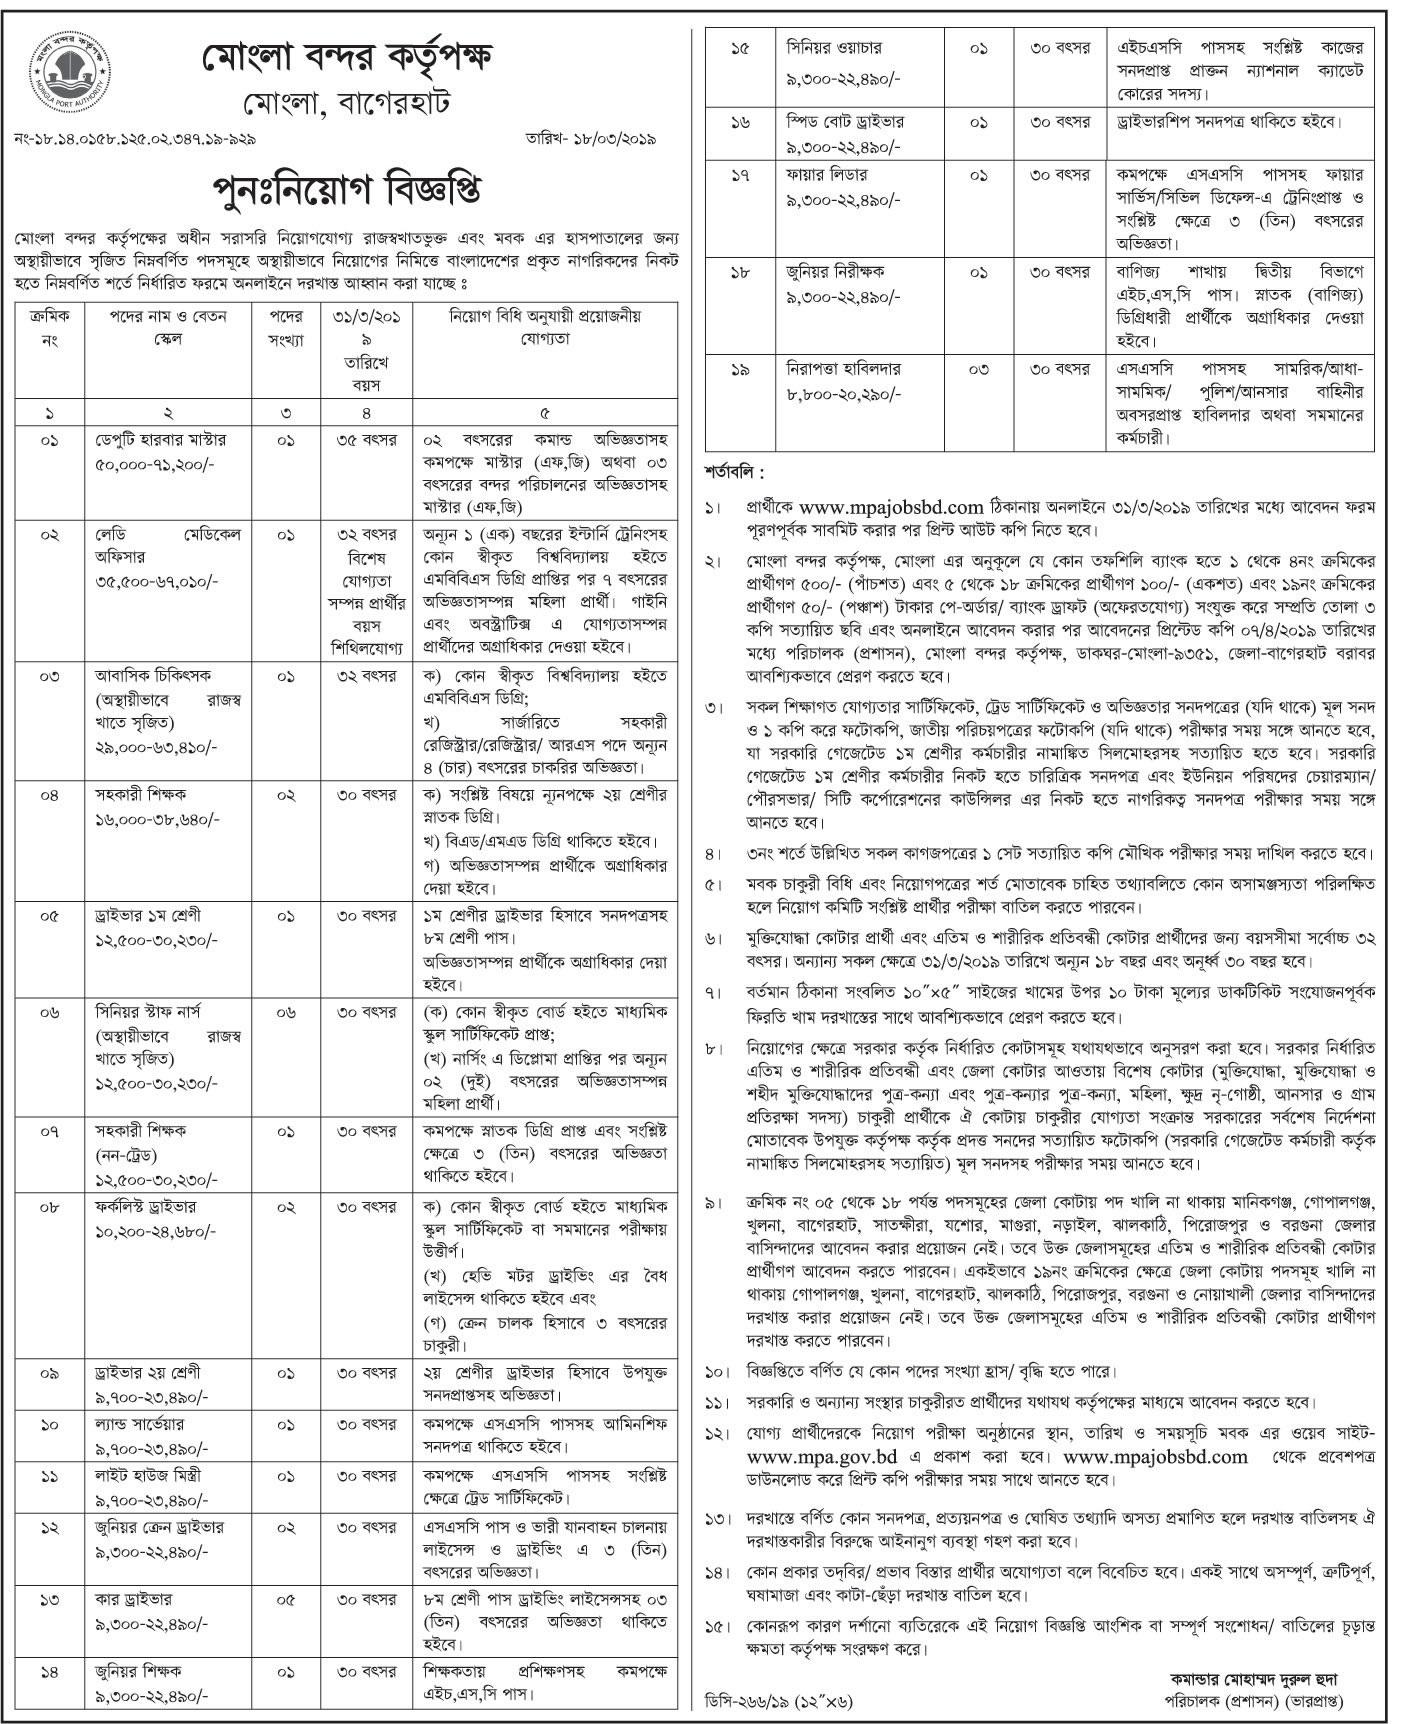 Mongla Port Authority MPA Job Circular 2019